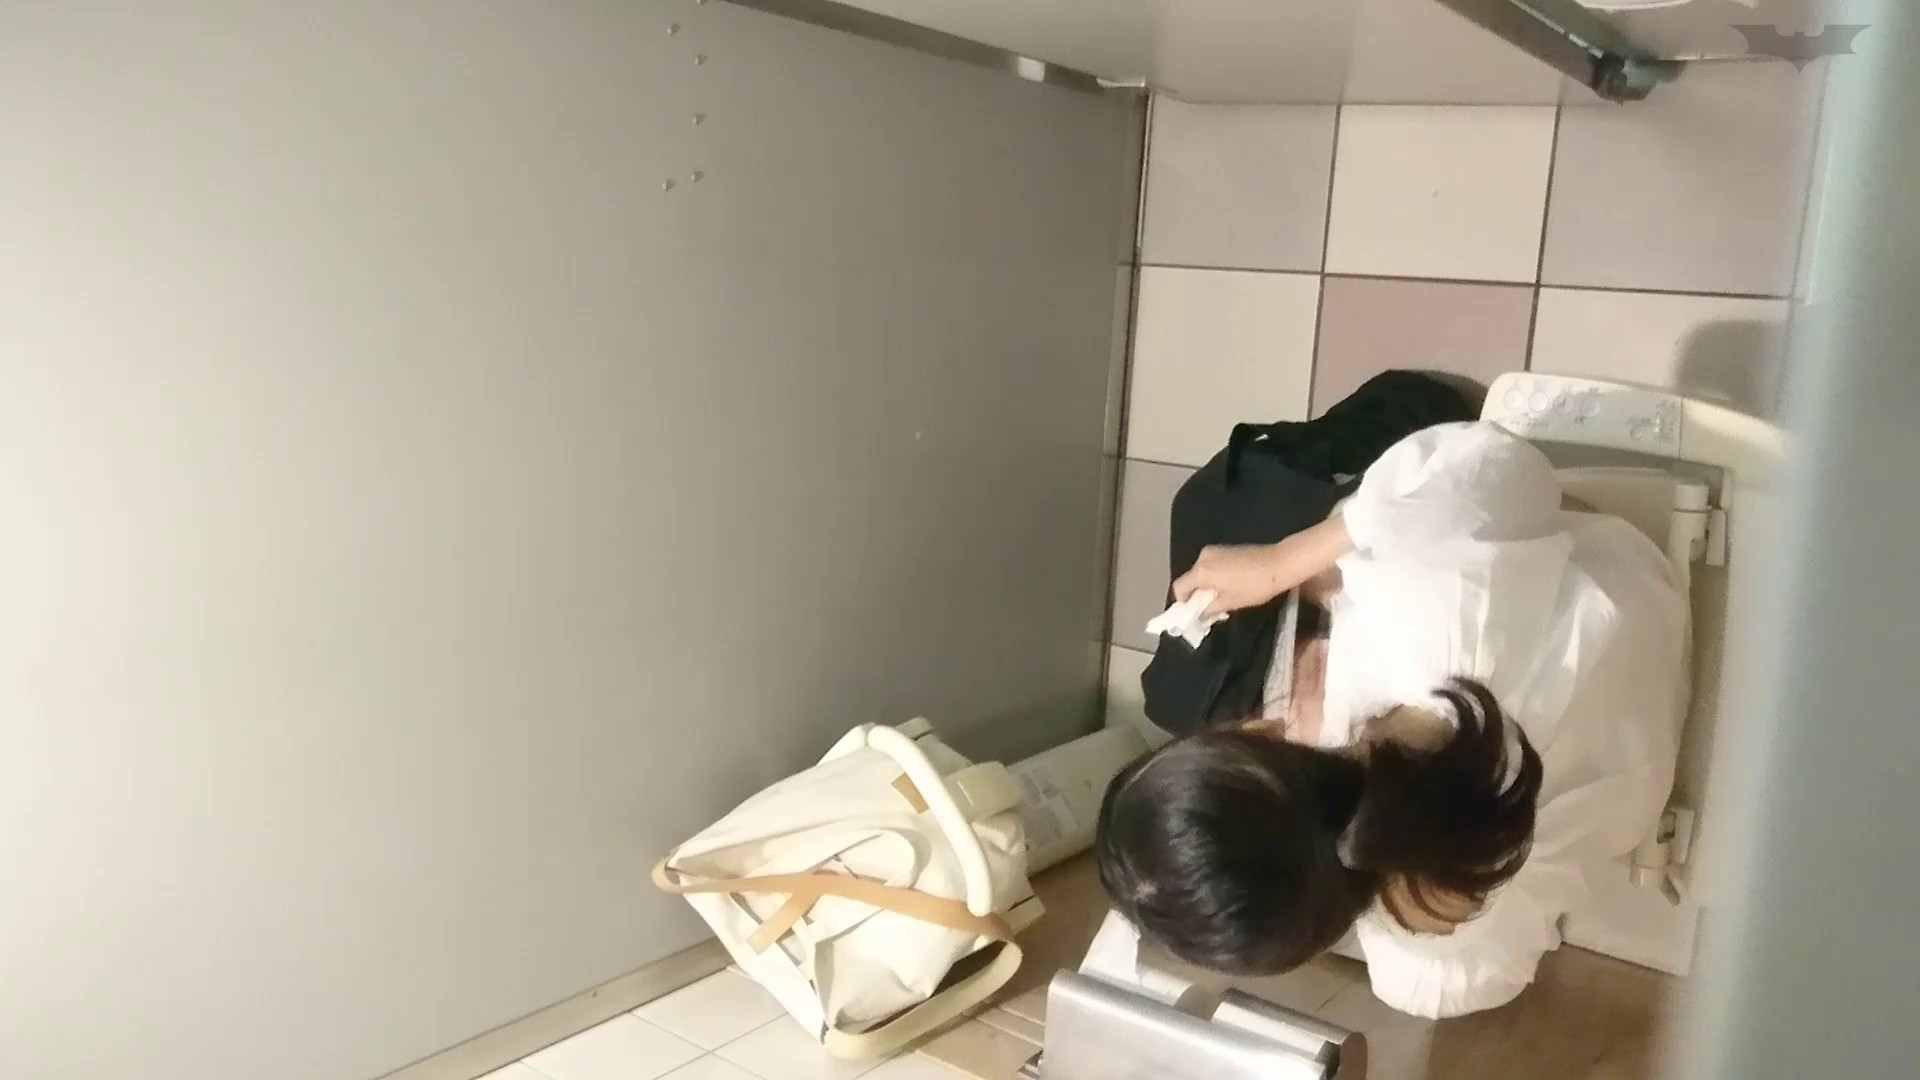 化粧室絵巻 ショッピングモール編 VOL.22 OL | 0  79連発 30